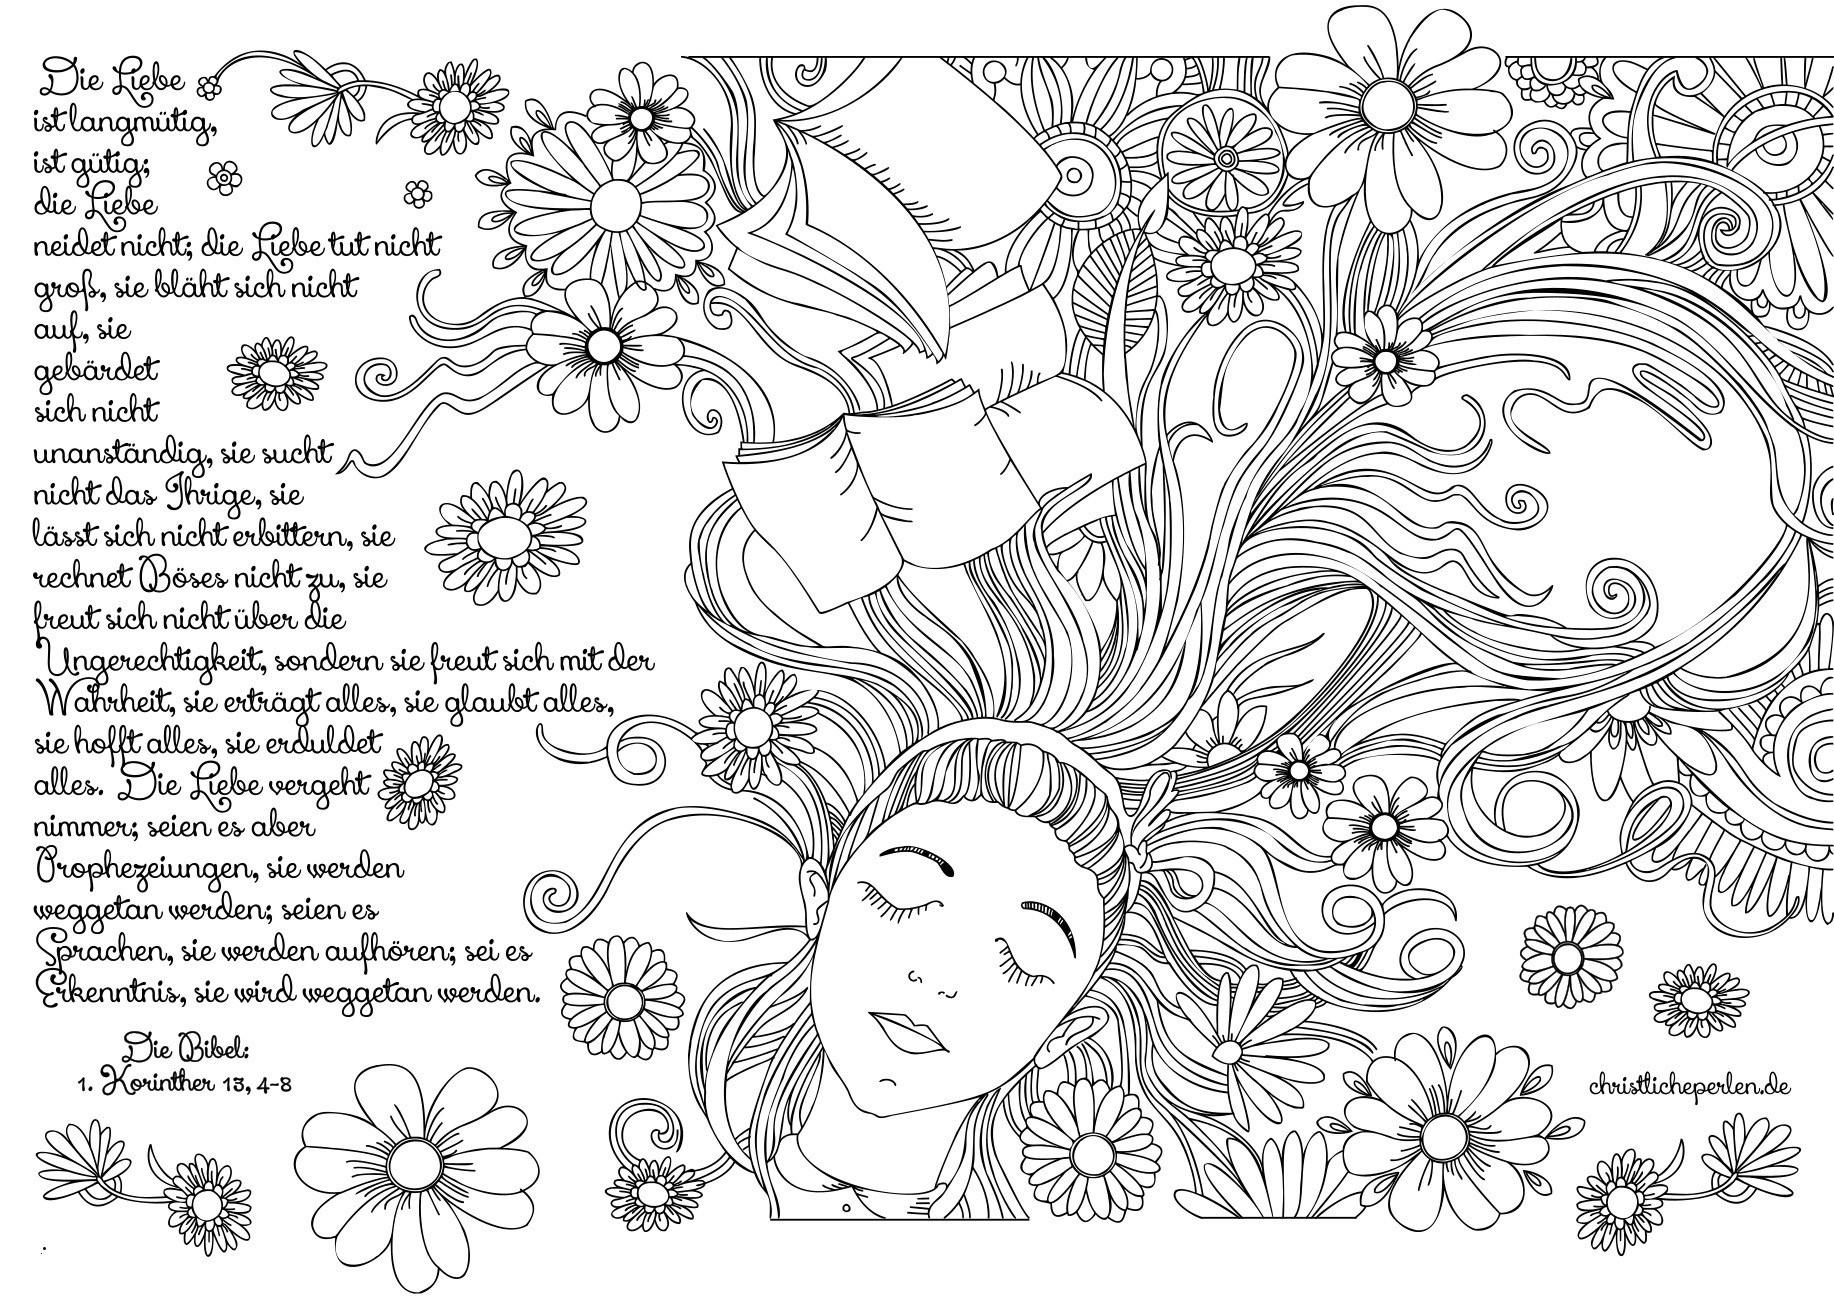 Adler Zeichnungen Zum Ausmalen Einzigartig 40 Schön Mandala Malvorlagen Mickeycarrollmunchkin Elegant Sammlung